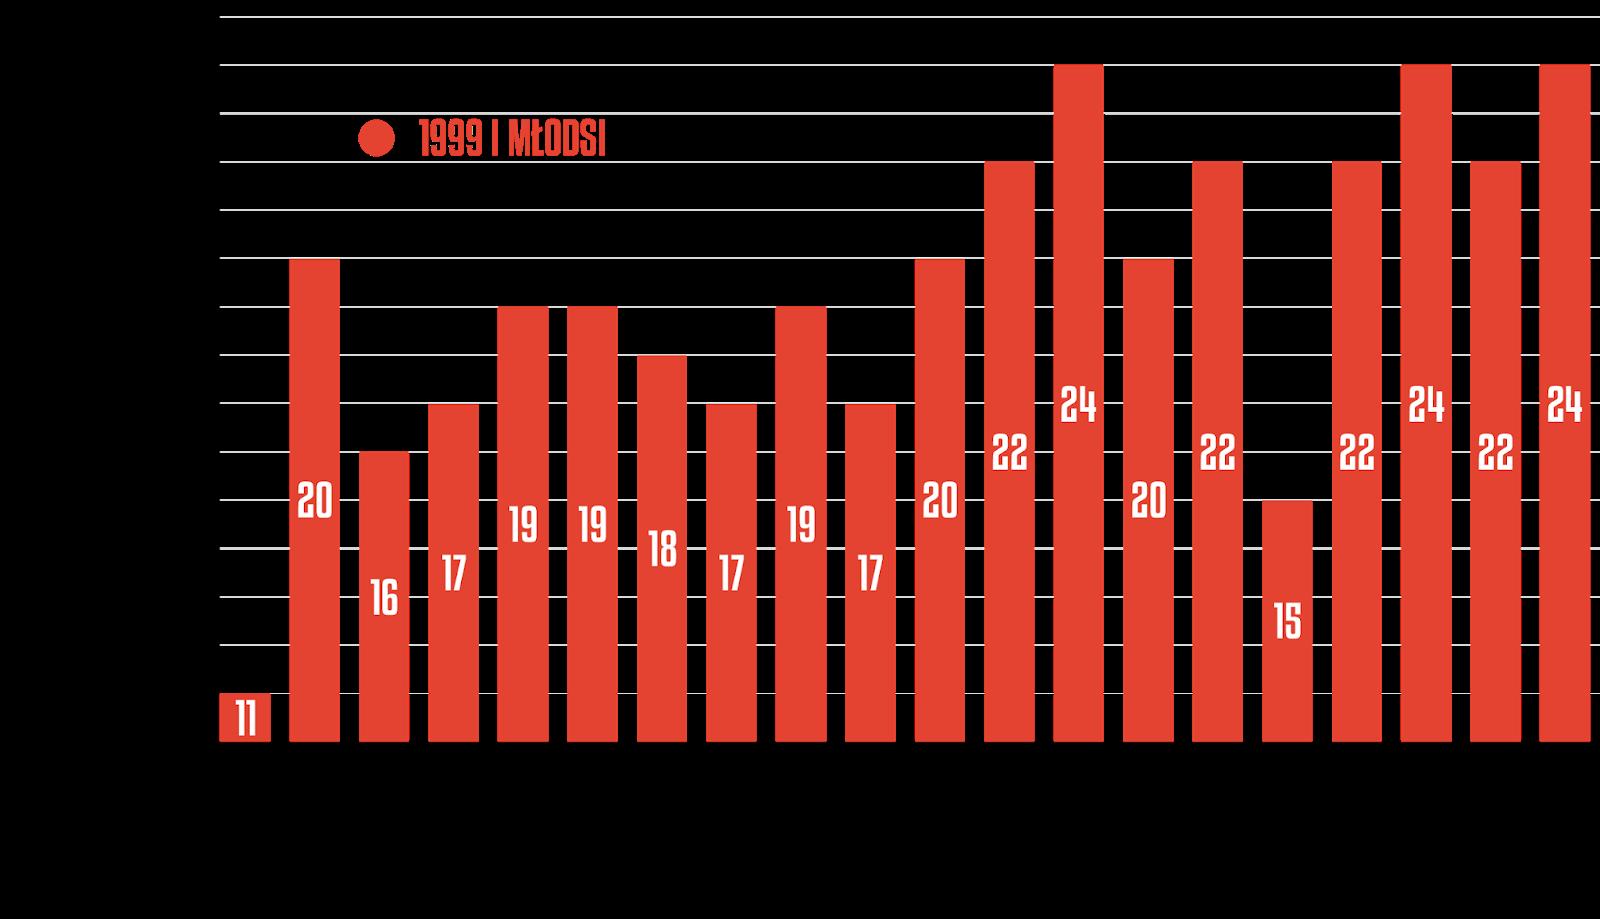 Młodzieżowcy z rocznika 1999 i młodsi w poszczególnych kolejkach PKO Ekstraklasy<br><br>Źródło: Opracowanie własne na podstawie ekstrastats.pl<br><br>graf. Bartosz Urban